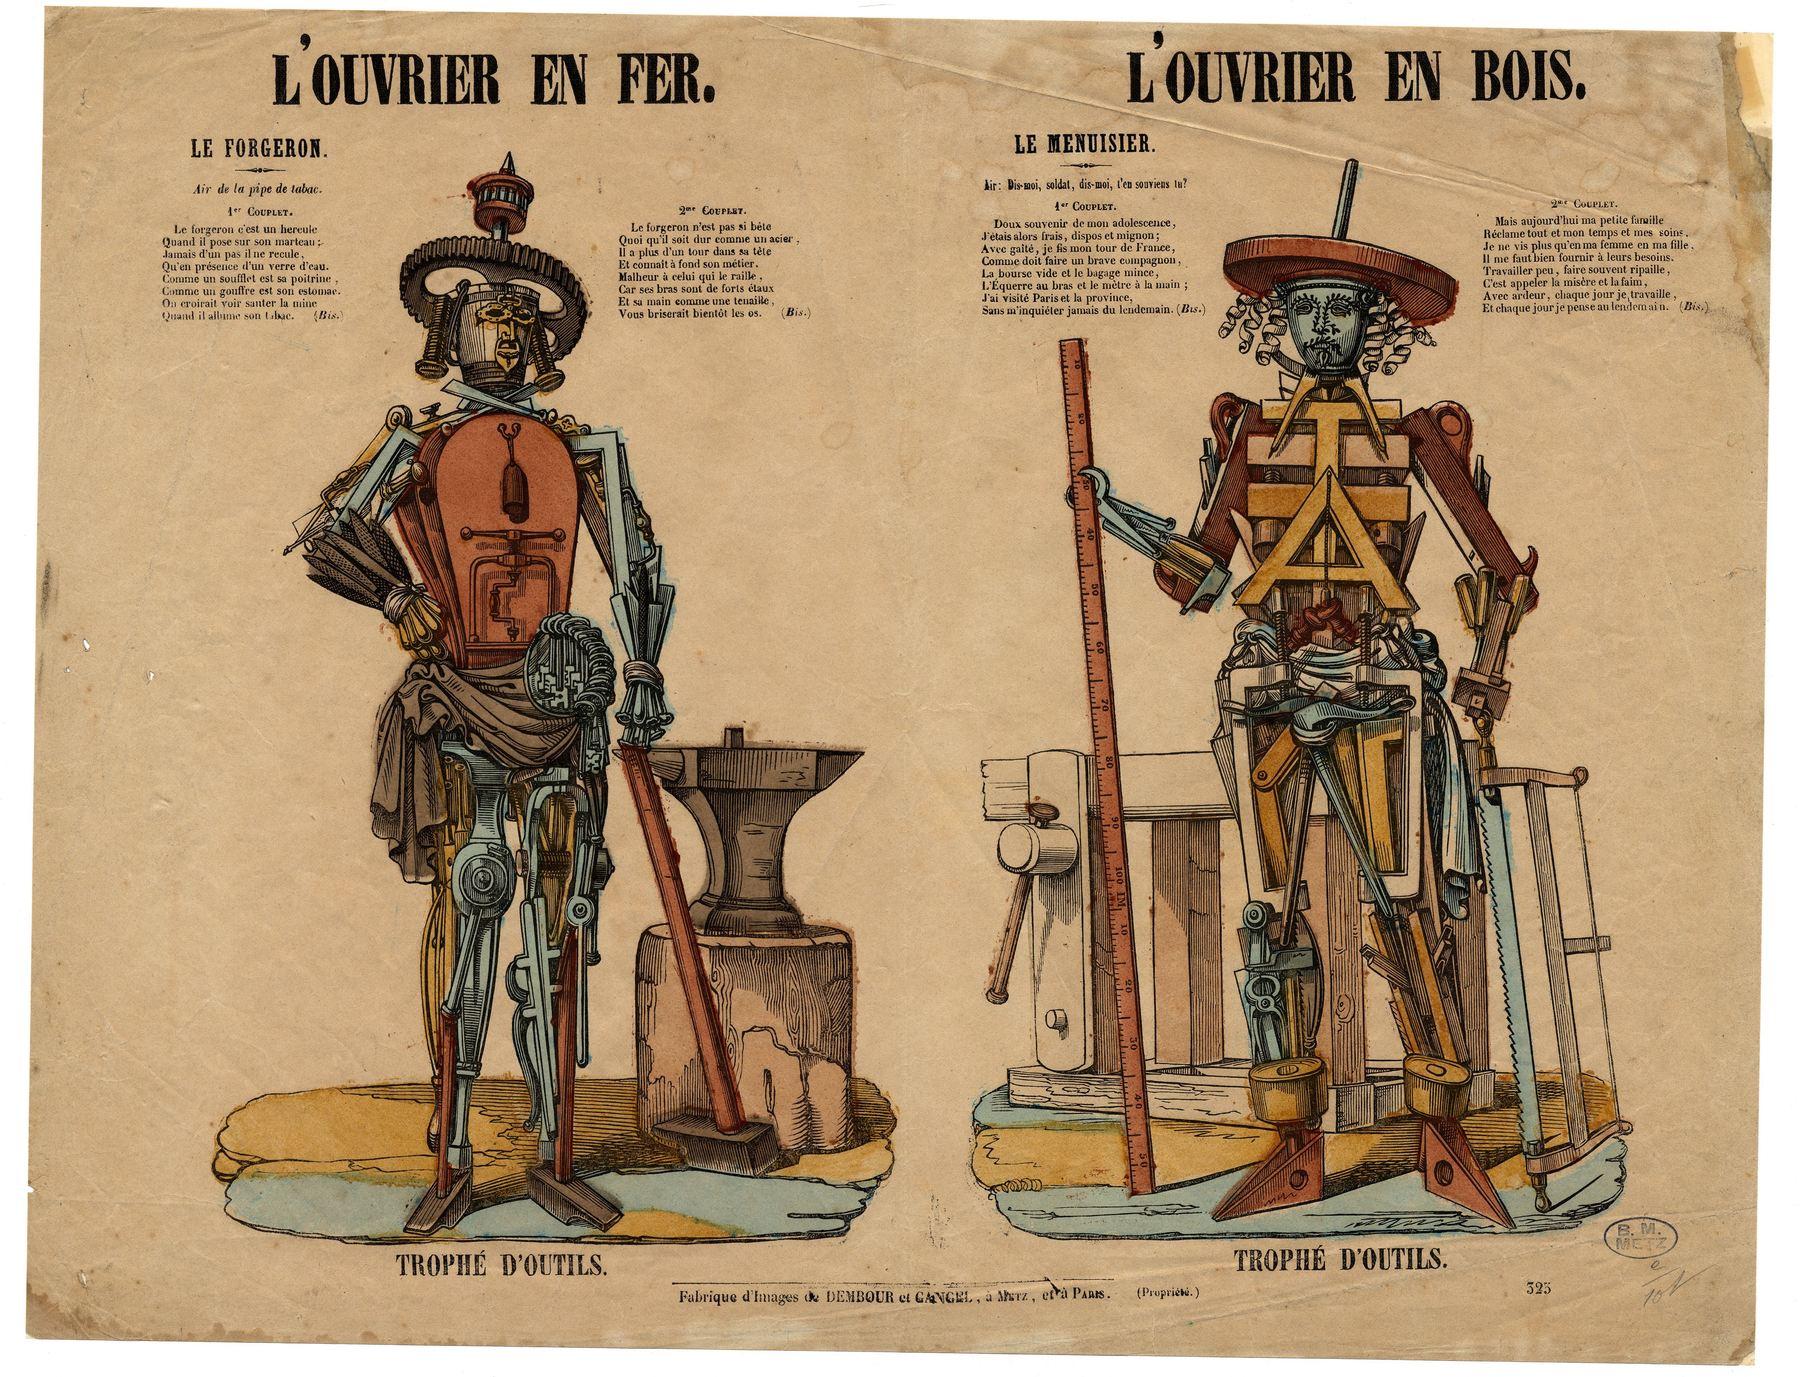 Contenu du L'Ouvrier en fer : le forgeron / l'ouvrier en bois : le menuisier